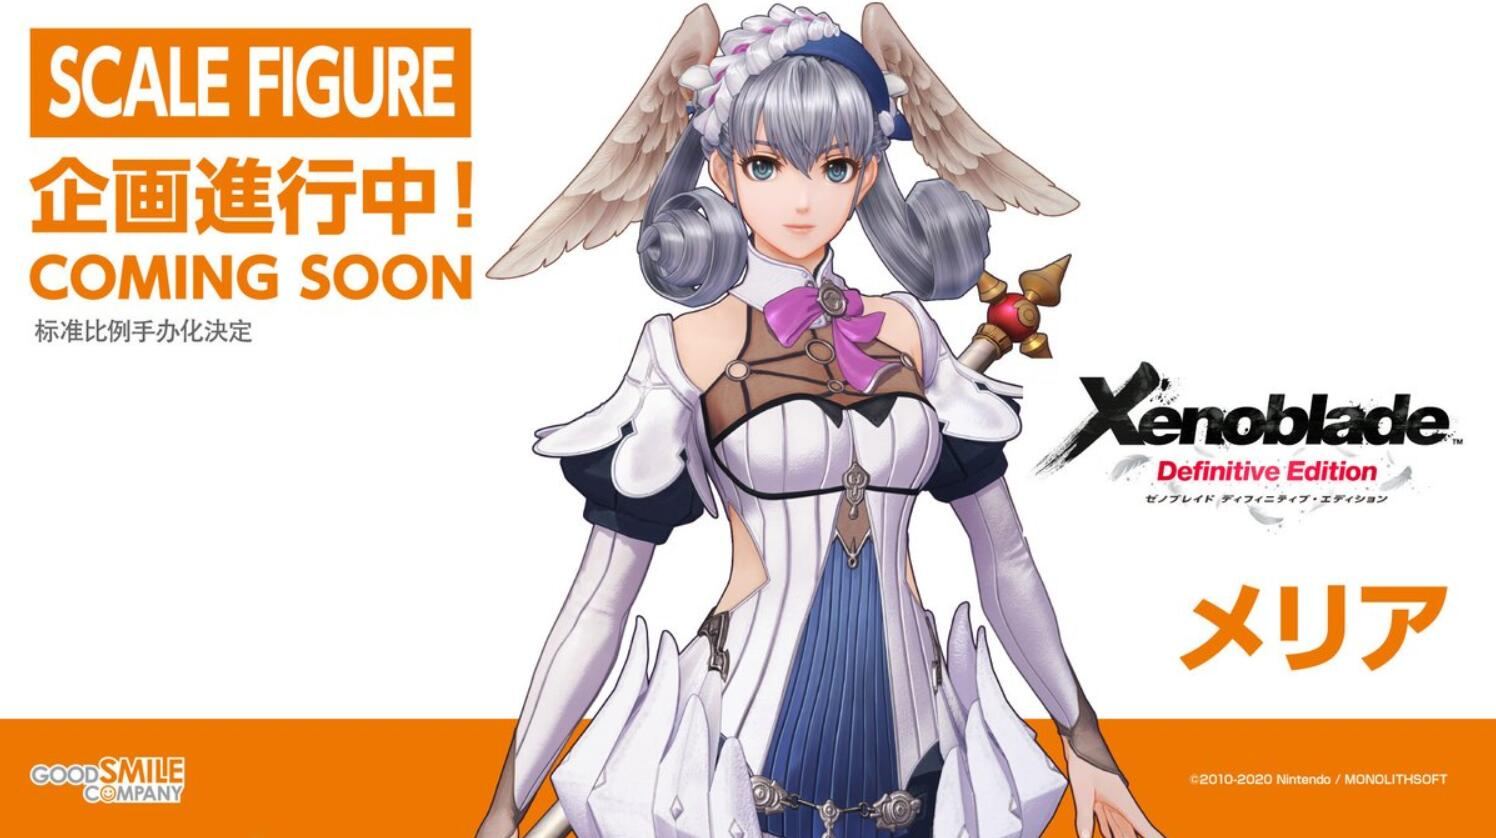 《异度神剑:终极版》女主角梅丽雅将推出手办